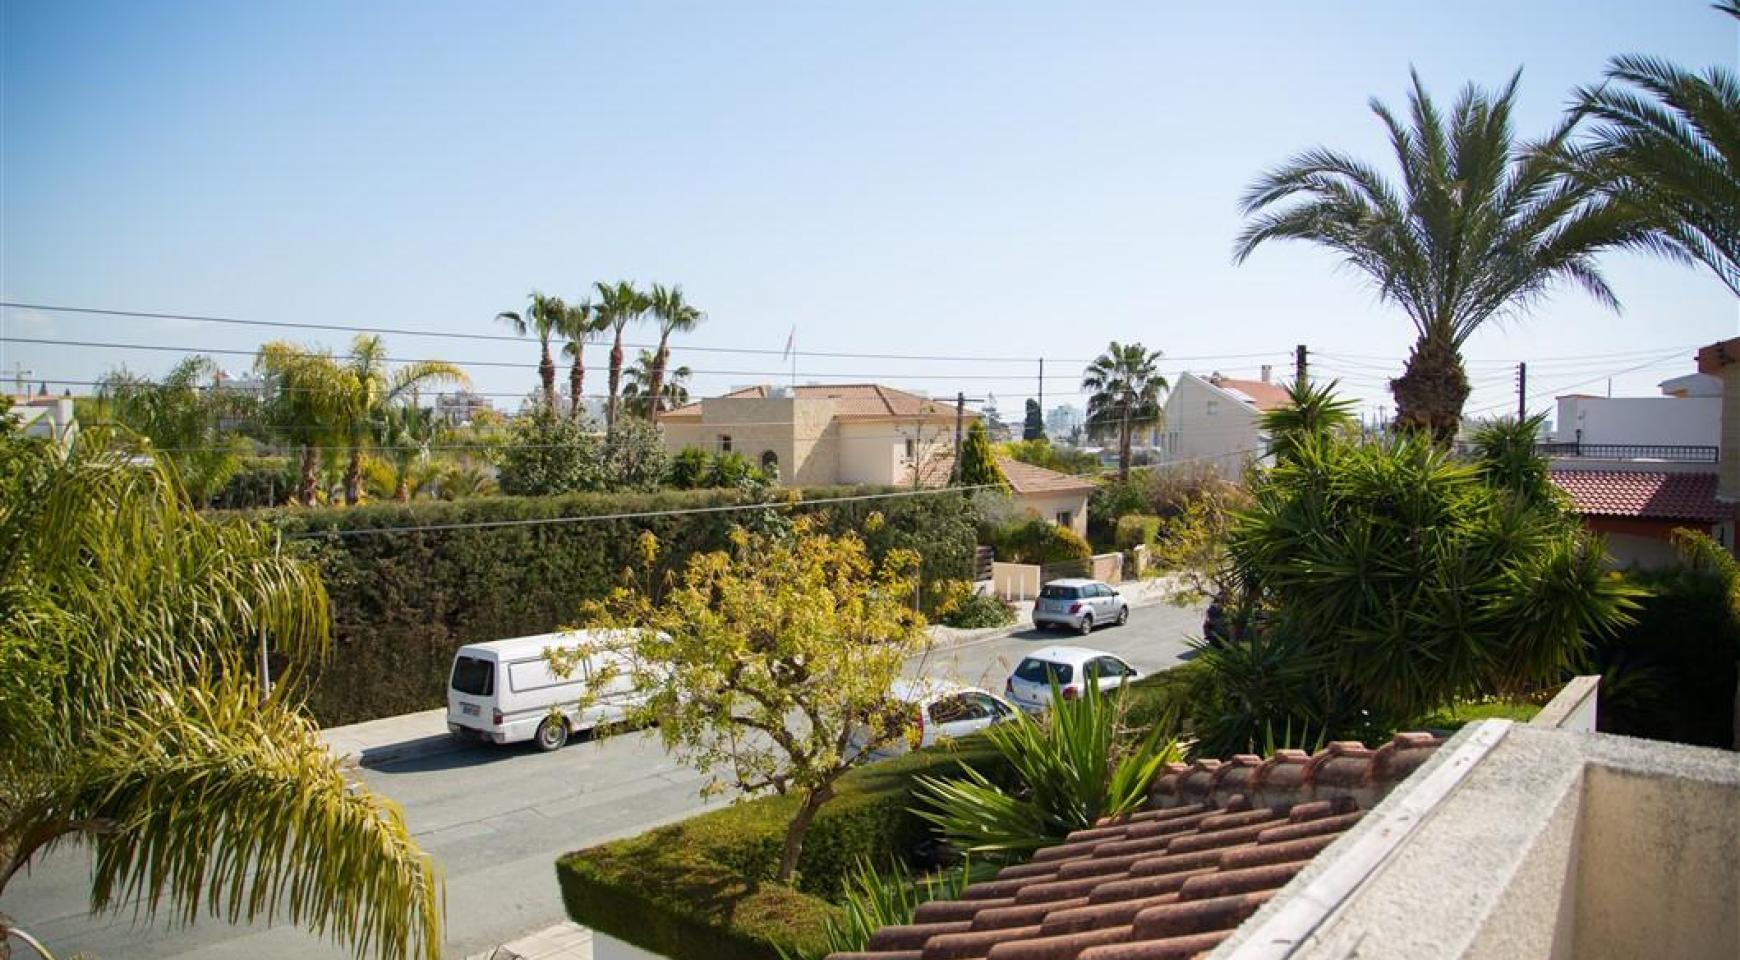 4 Bedroom Villa in Germasogeia Area - 8